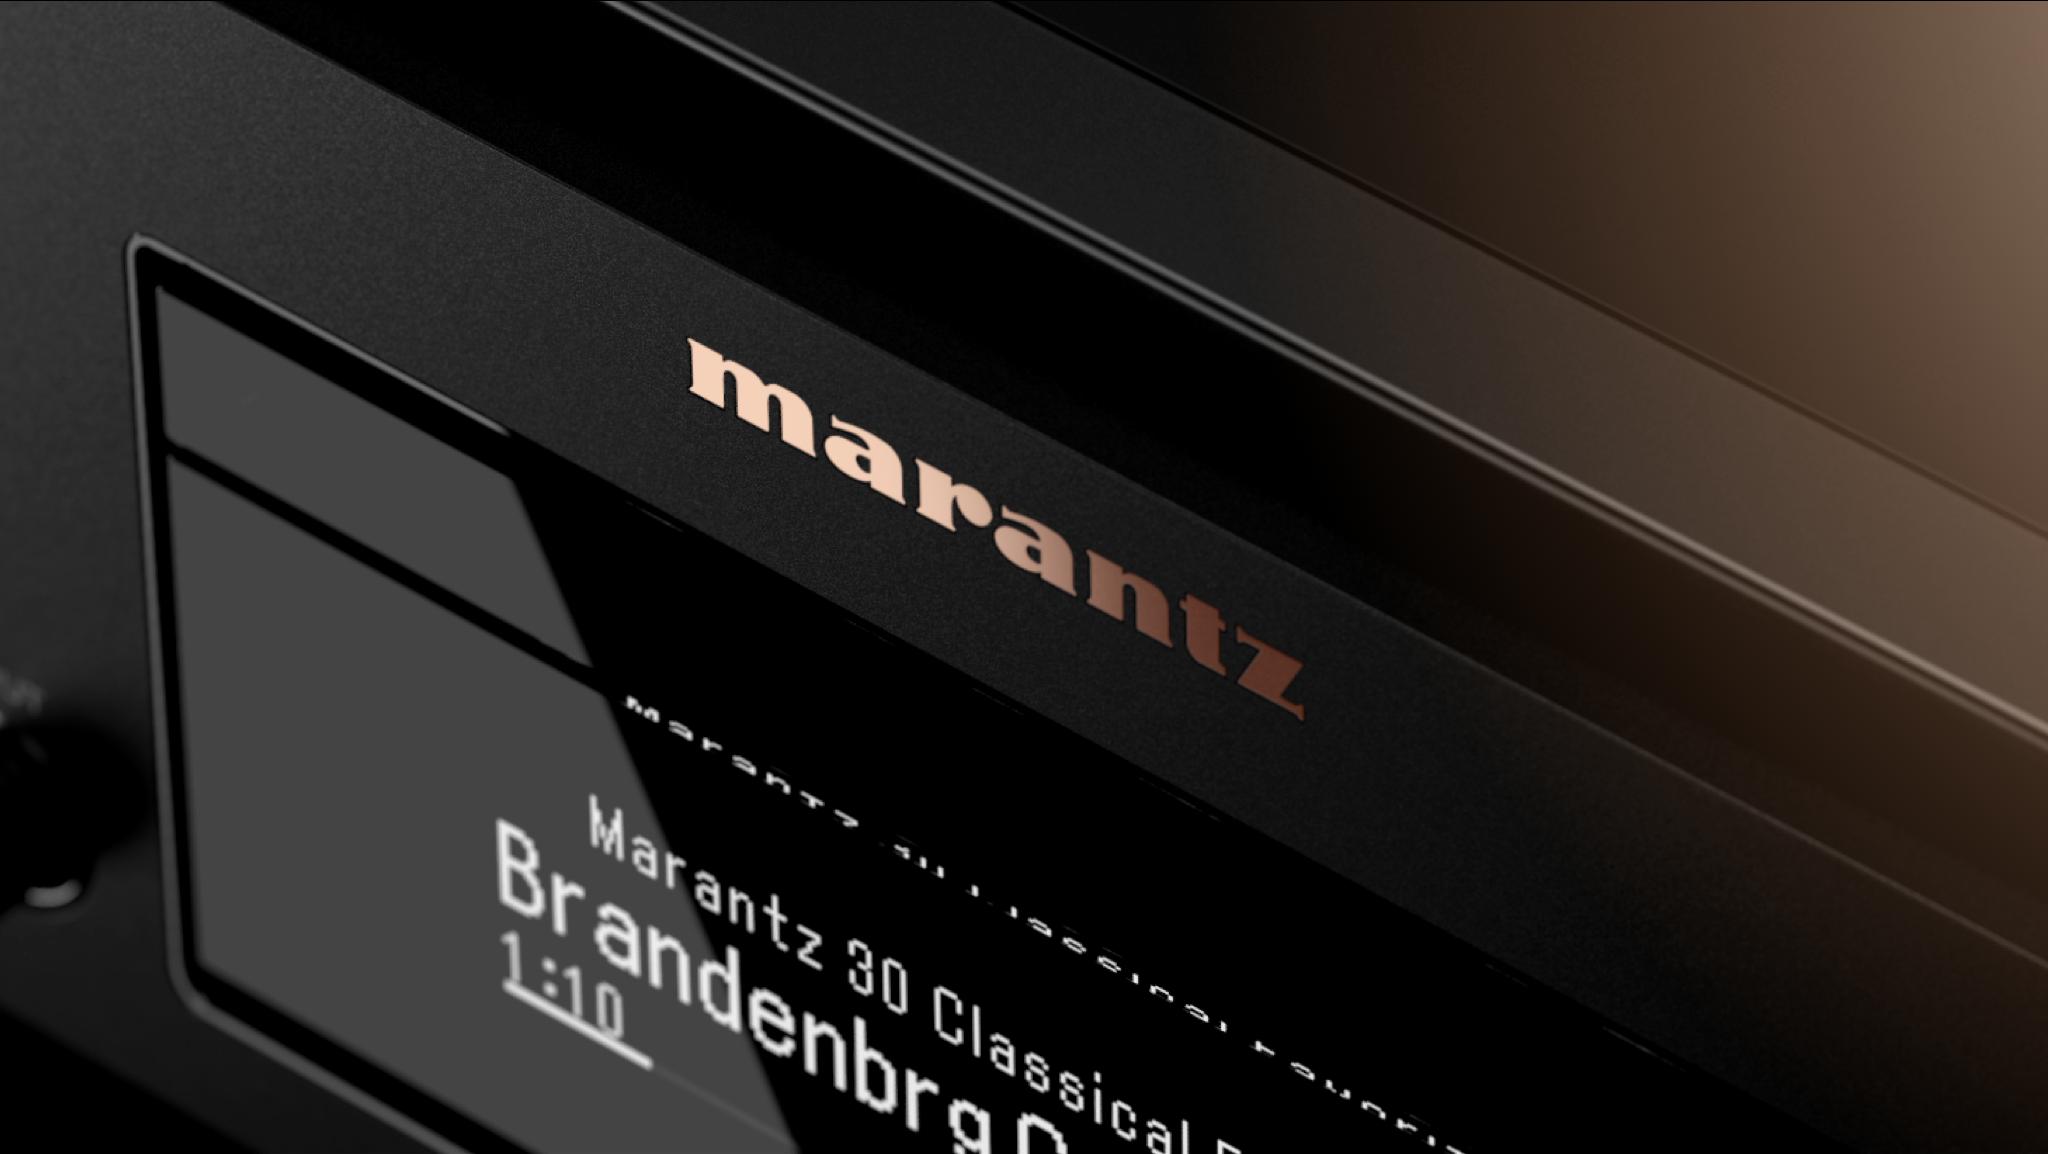 ¿A qué no sabías? Marantz: hitos que han forjado la industria del Hi-Fi